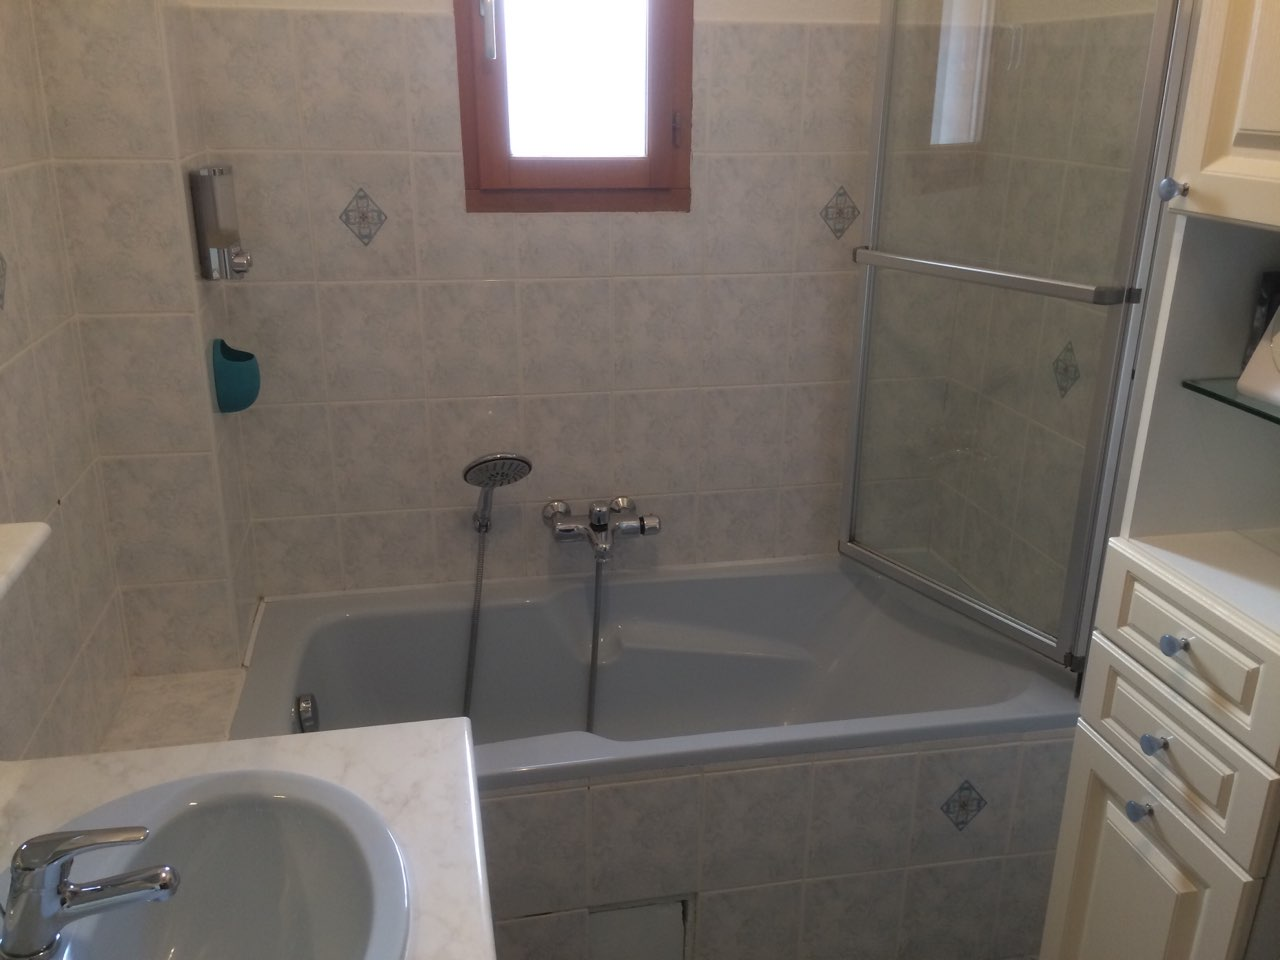 transformation d 39 une baignoire en douche r novbain. Black Bedroom Furniture Sets. Home Design Ideas